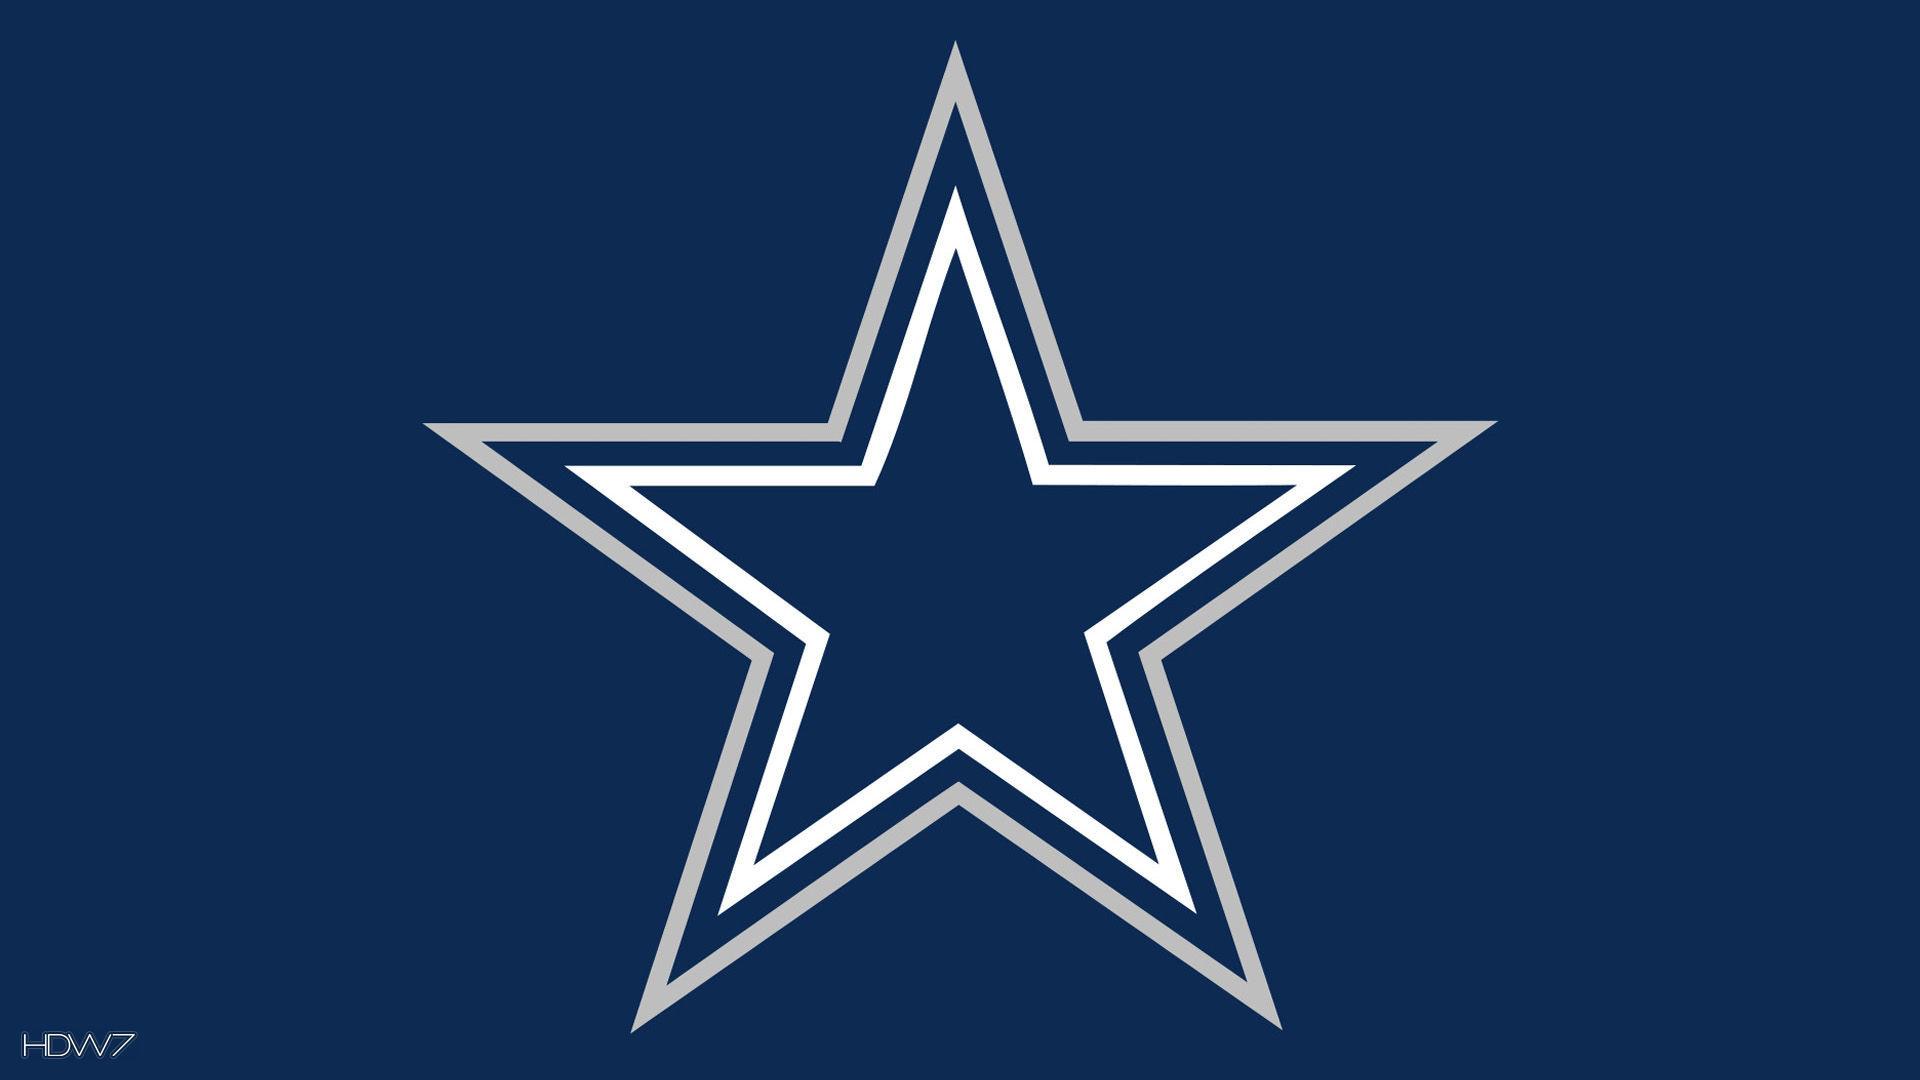 Dallas Cowboys Wallpaper